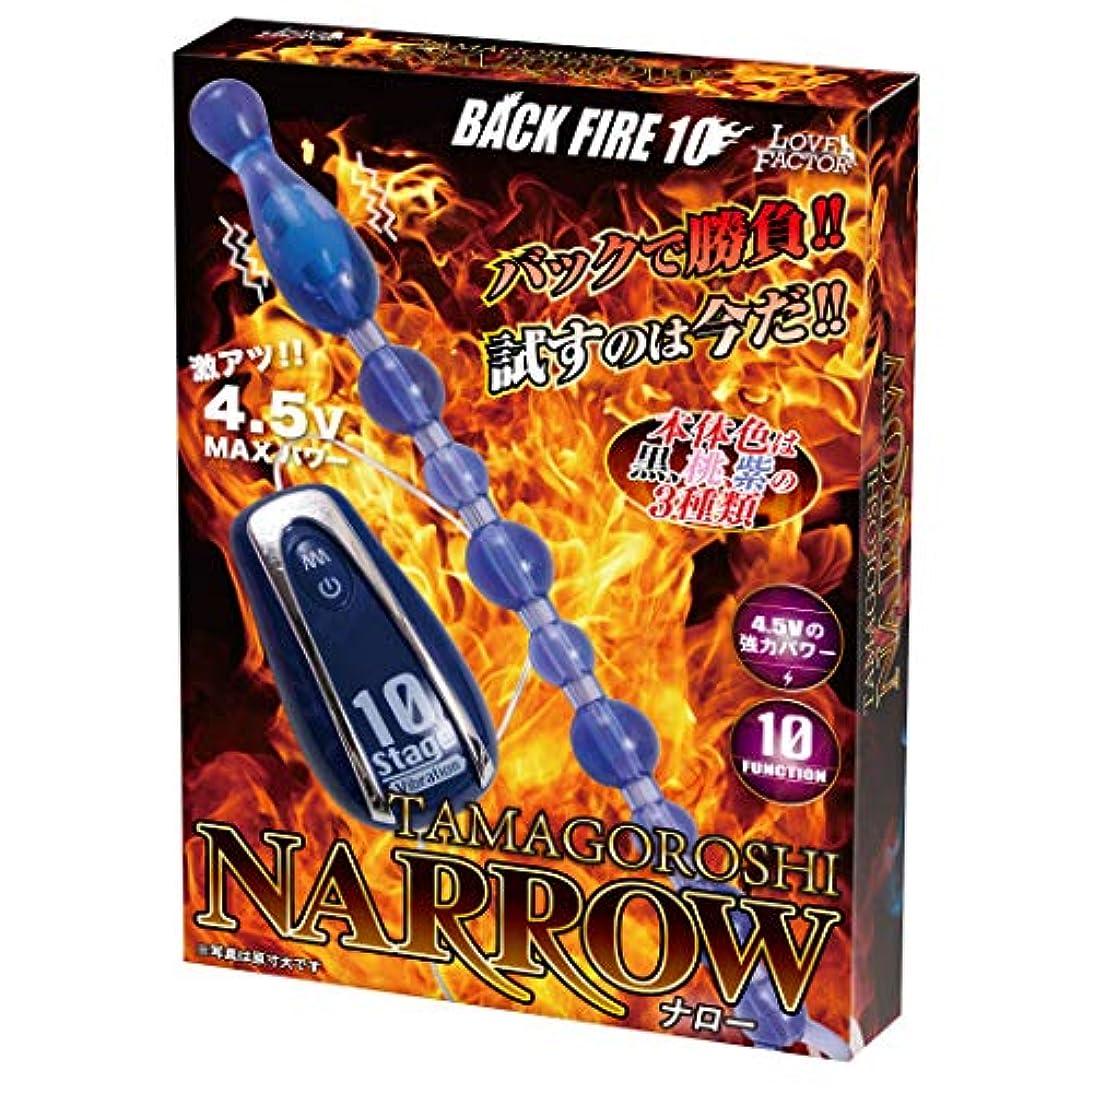 宙返り劇場ビリーヤギBACK FIRE TAMAGOROSHI NARROW (ナロー) 紫 アナル拡張 アナル開発 プラグ SM調教 携帯式 野外プレー 男女兼用